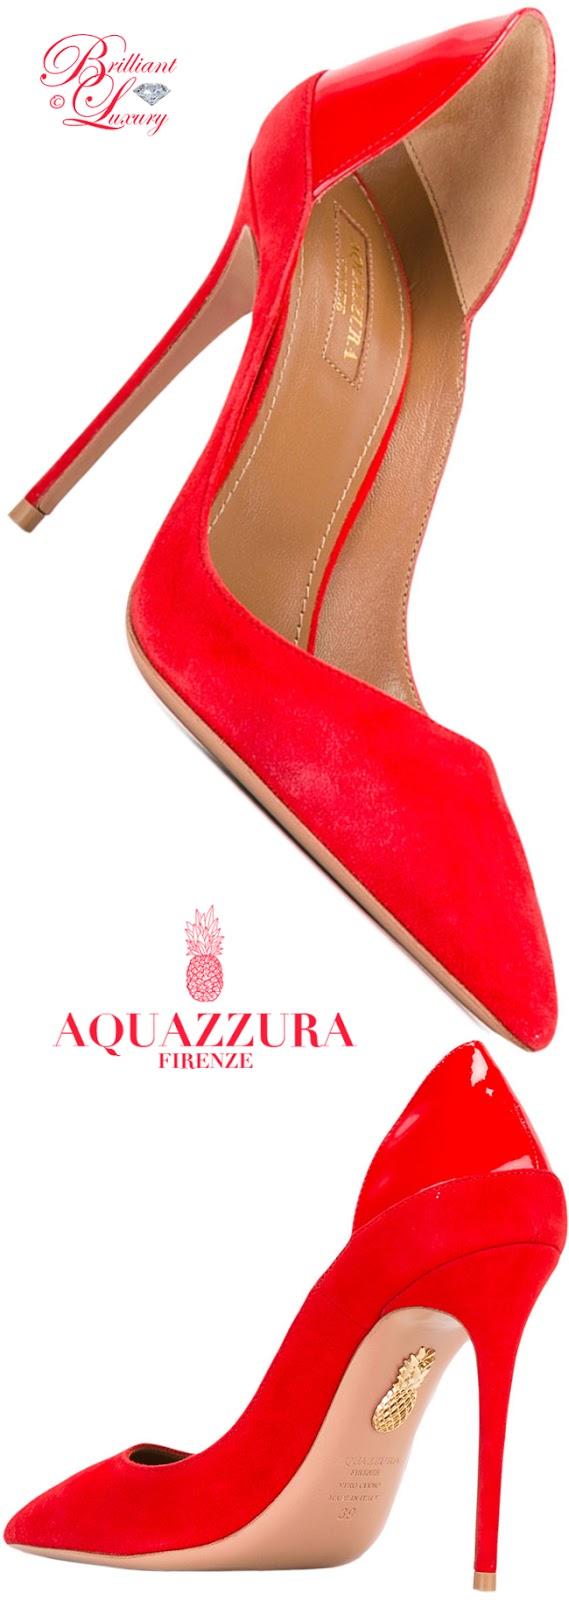 Brilliant Luxury ♦ Aquazzura Fellini Pumps